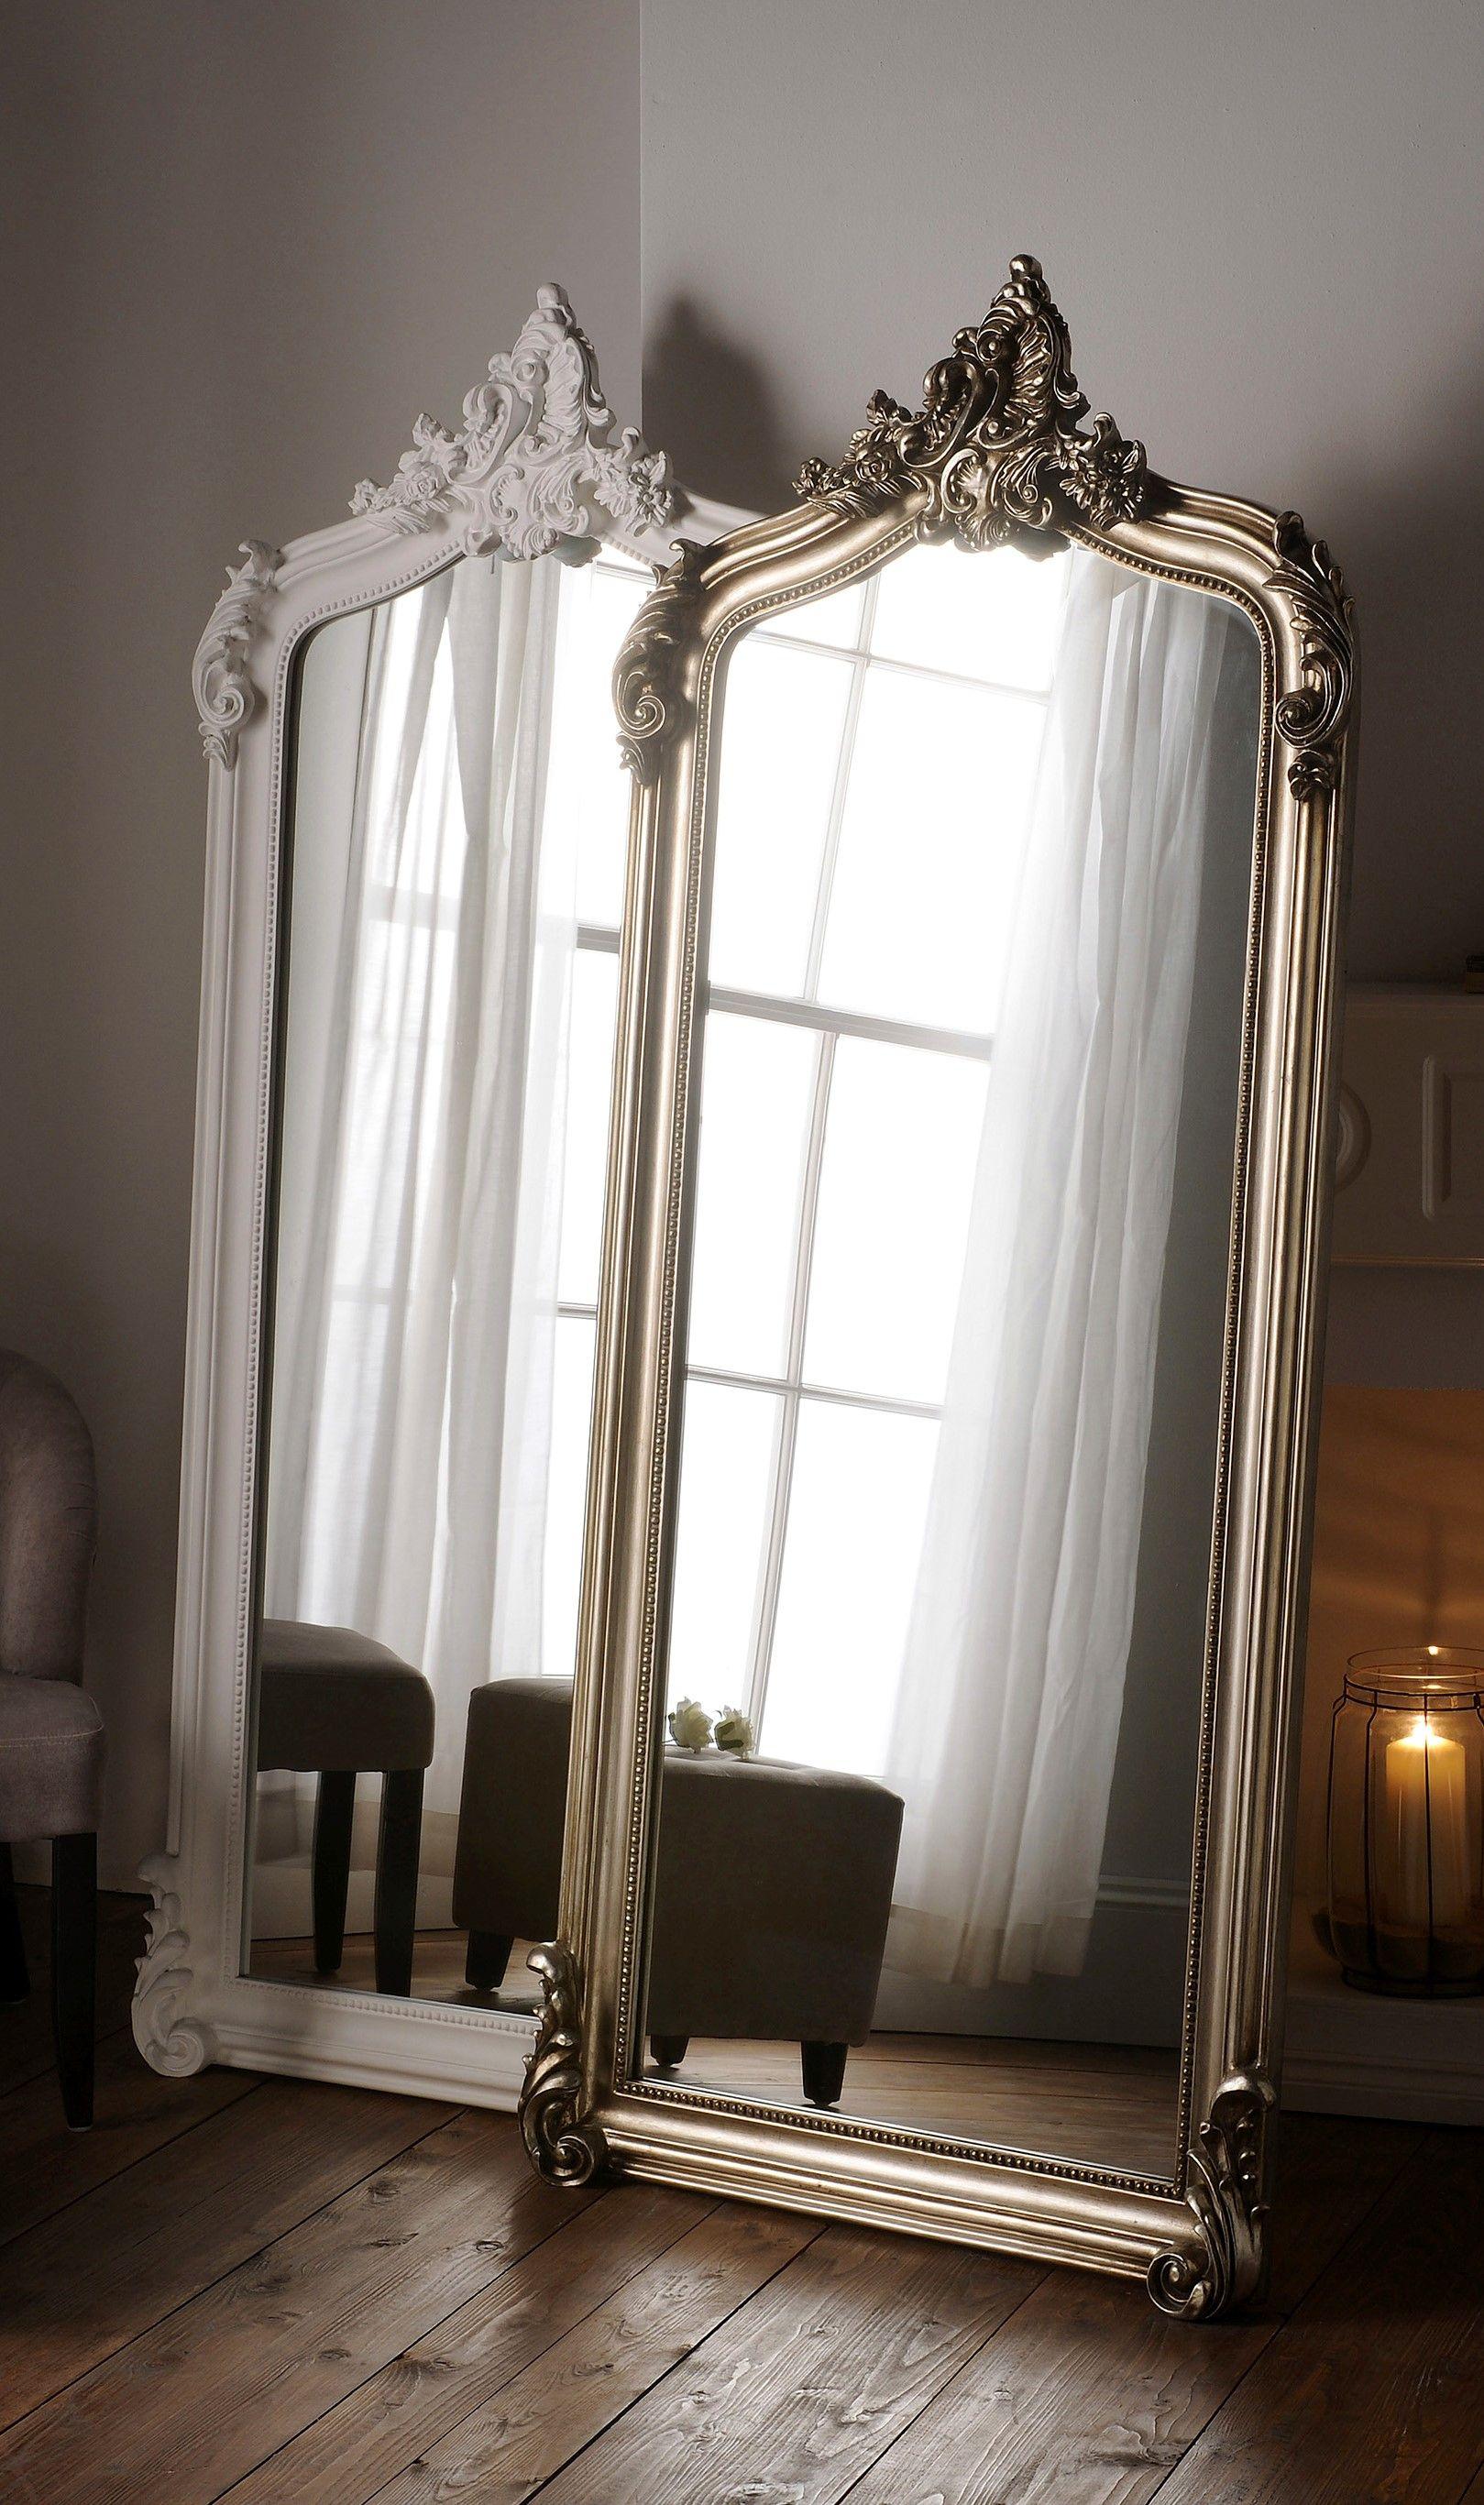 Langer Lehnspiegel mit prunkvollem Rahmen in wei  oder silber